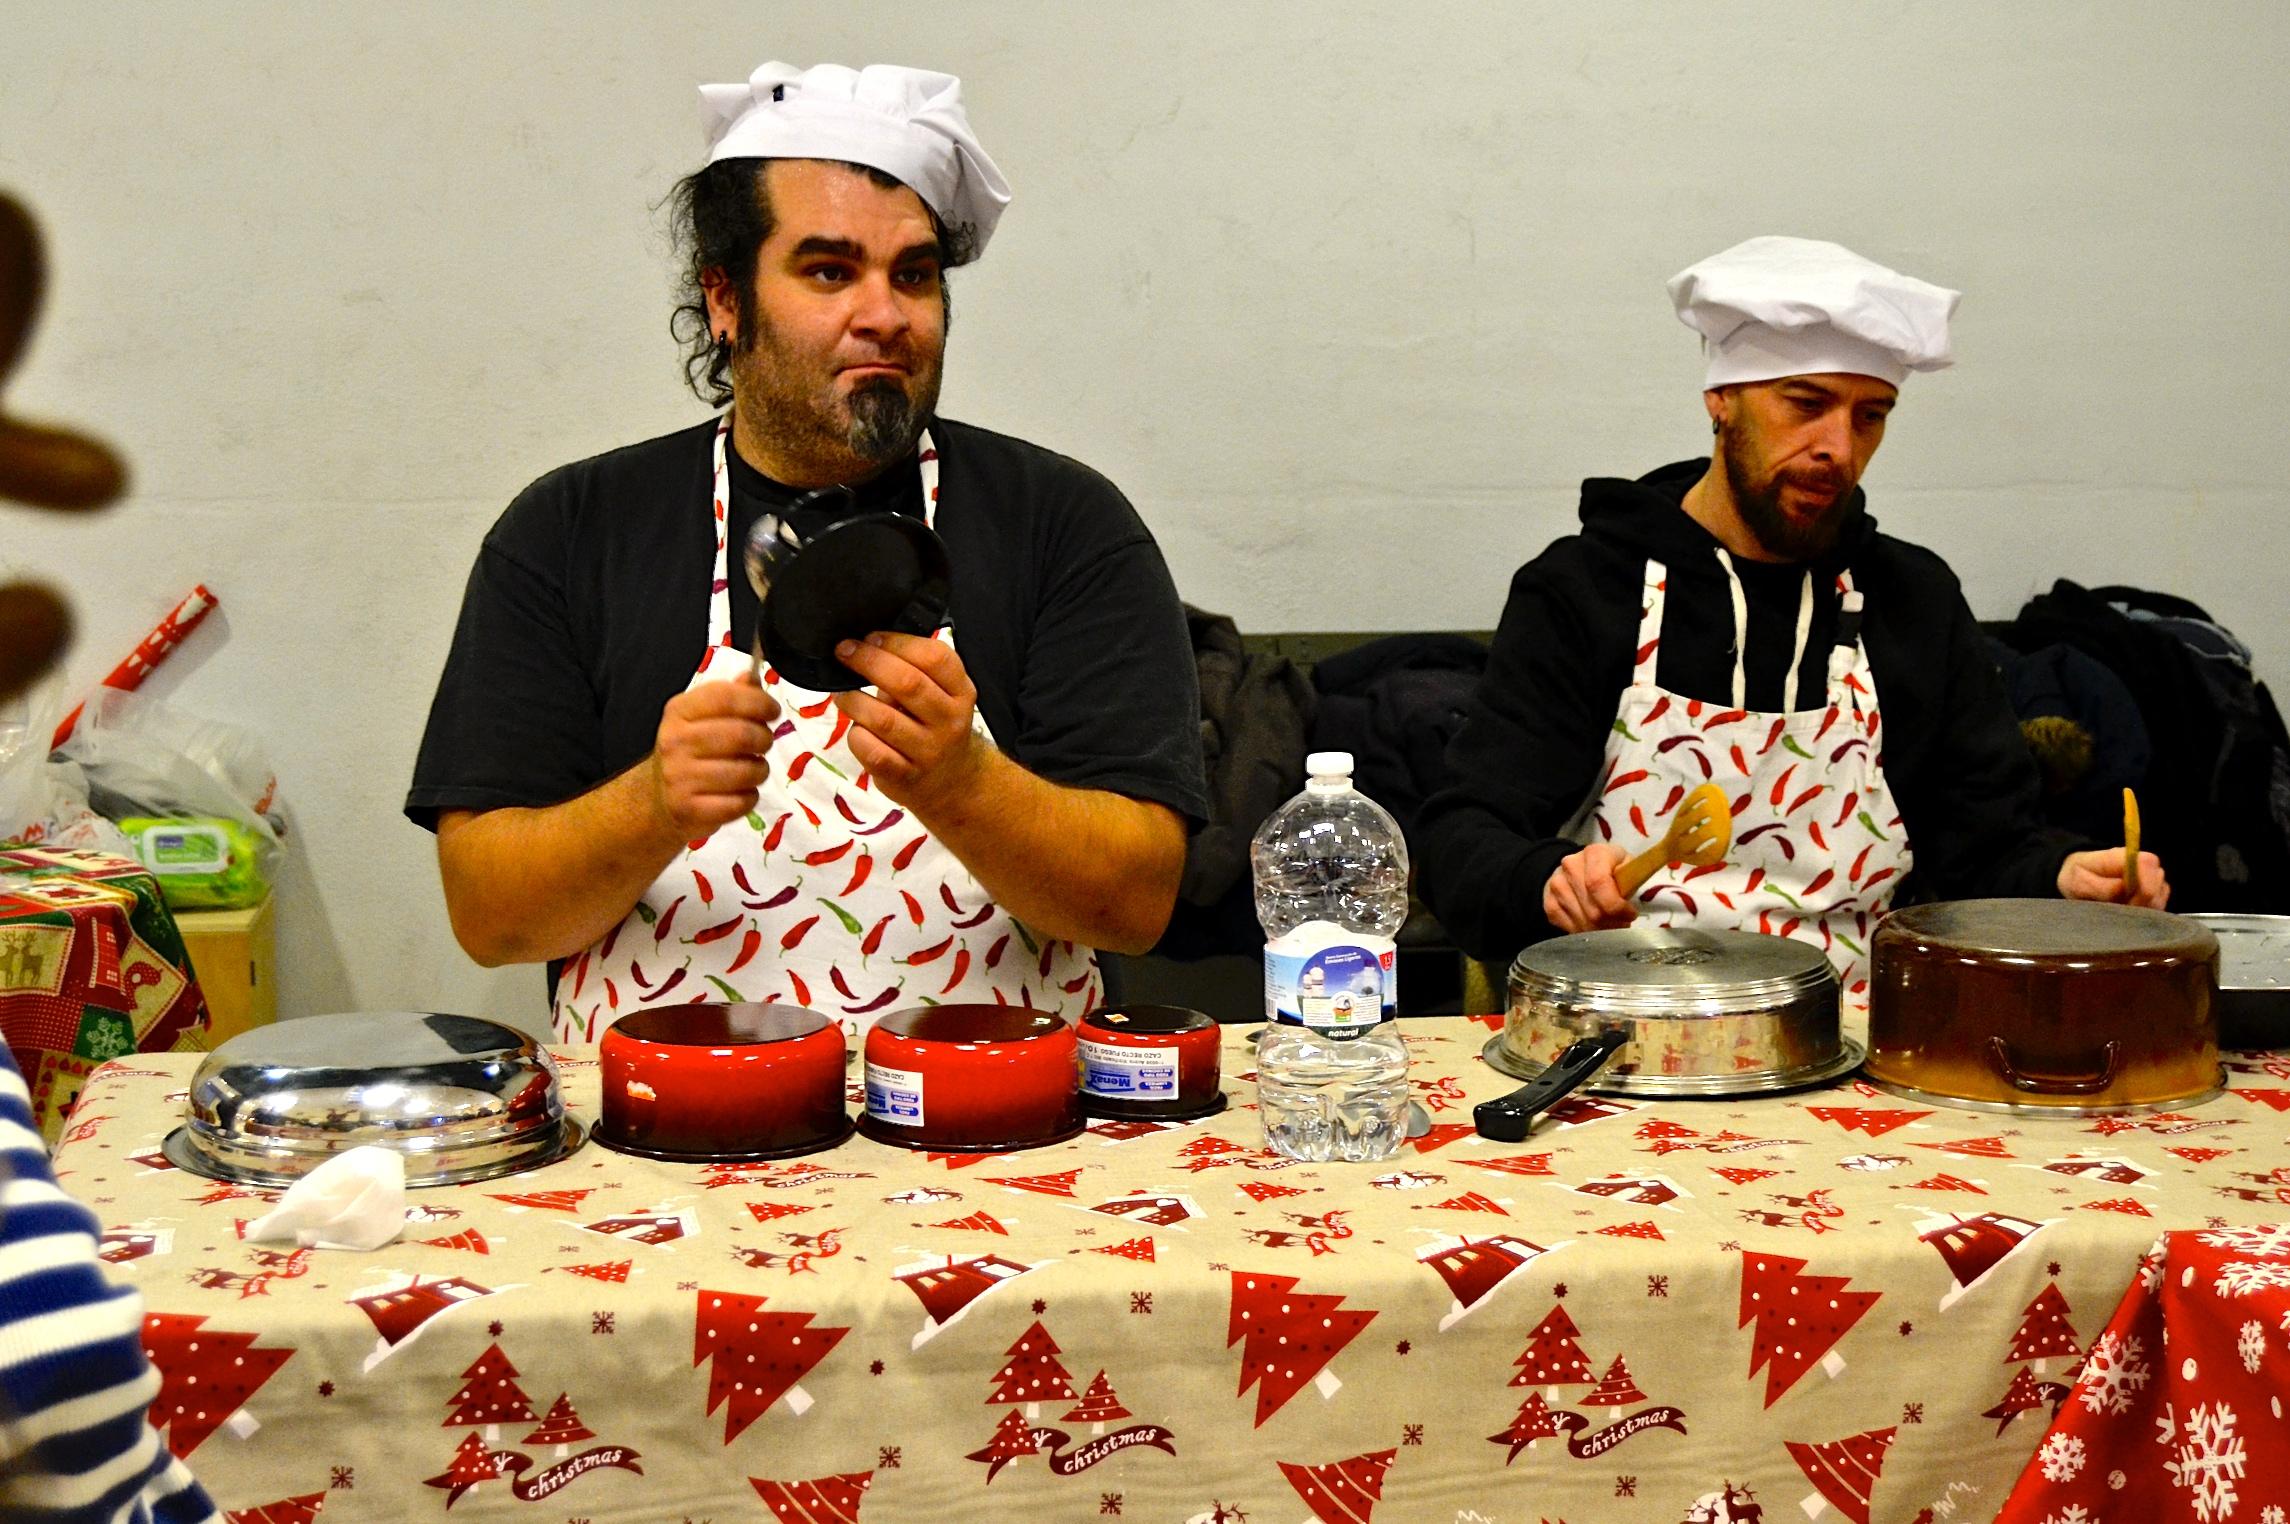 Dulce Navidad Talleres de cocina navideña